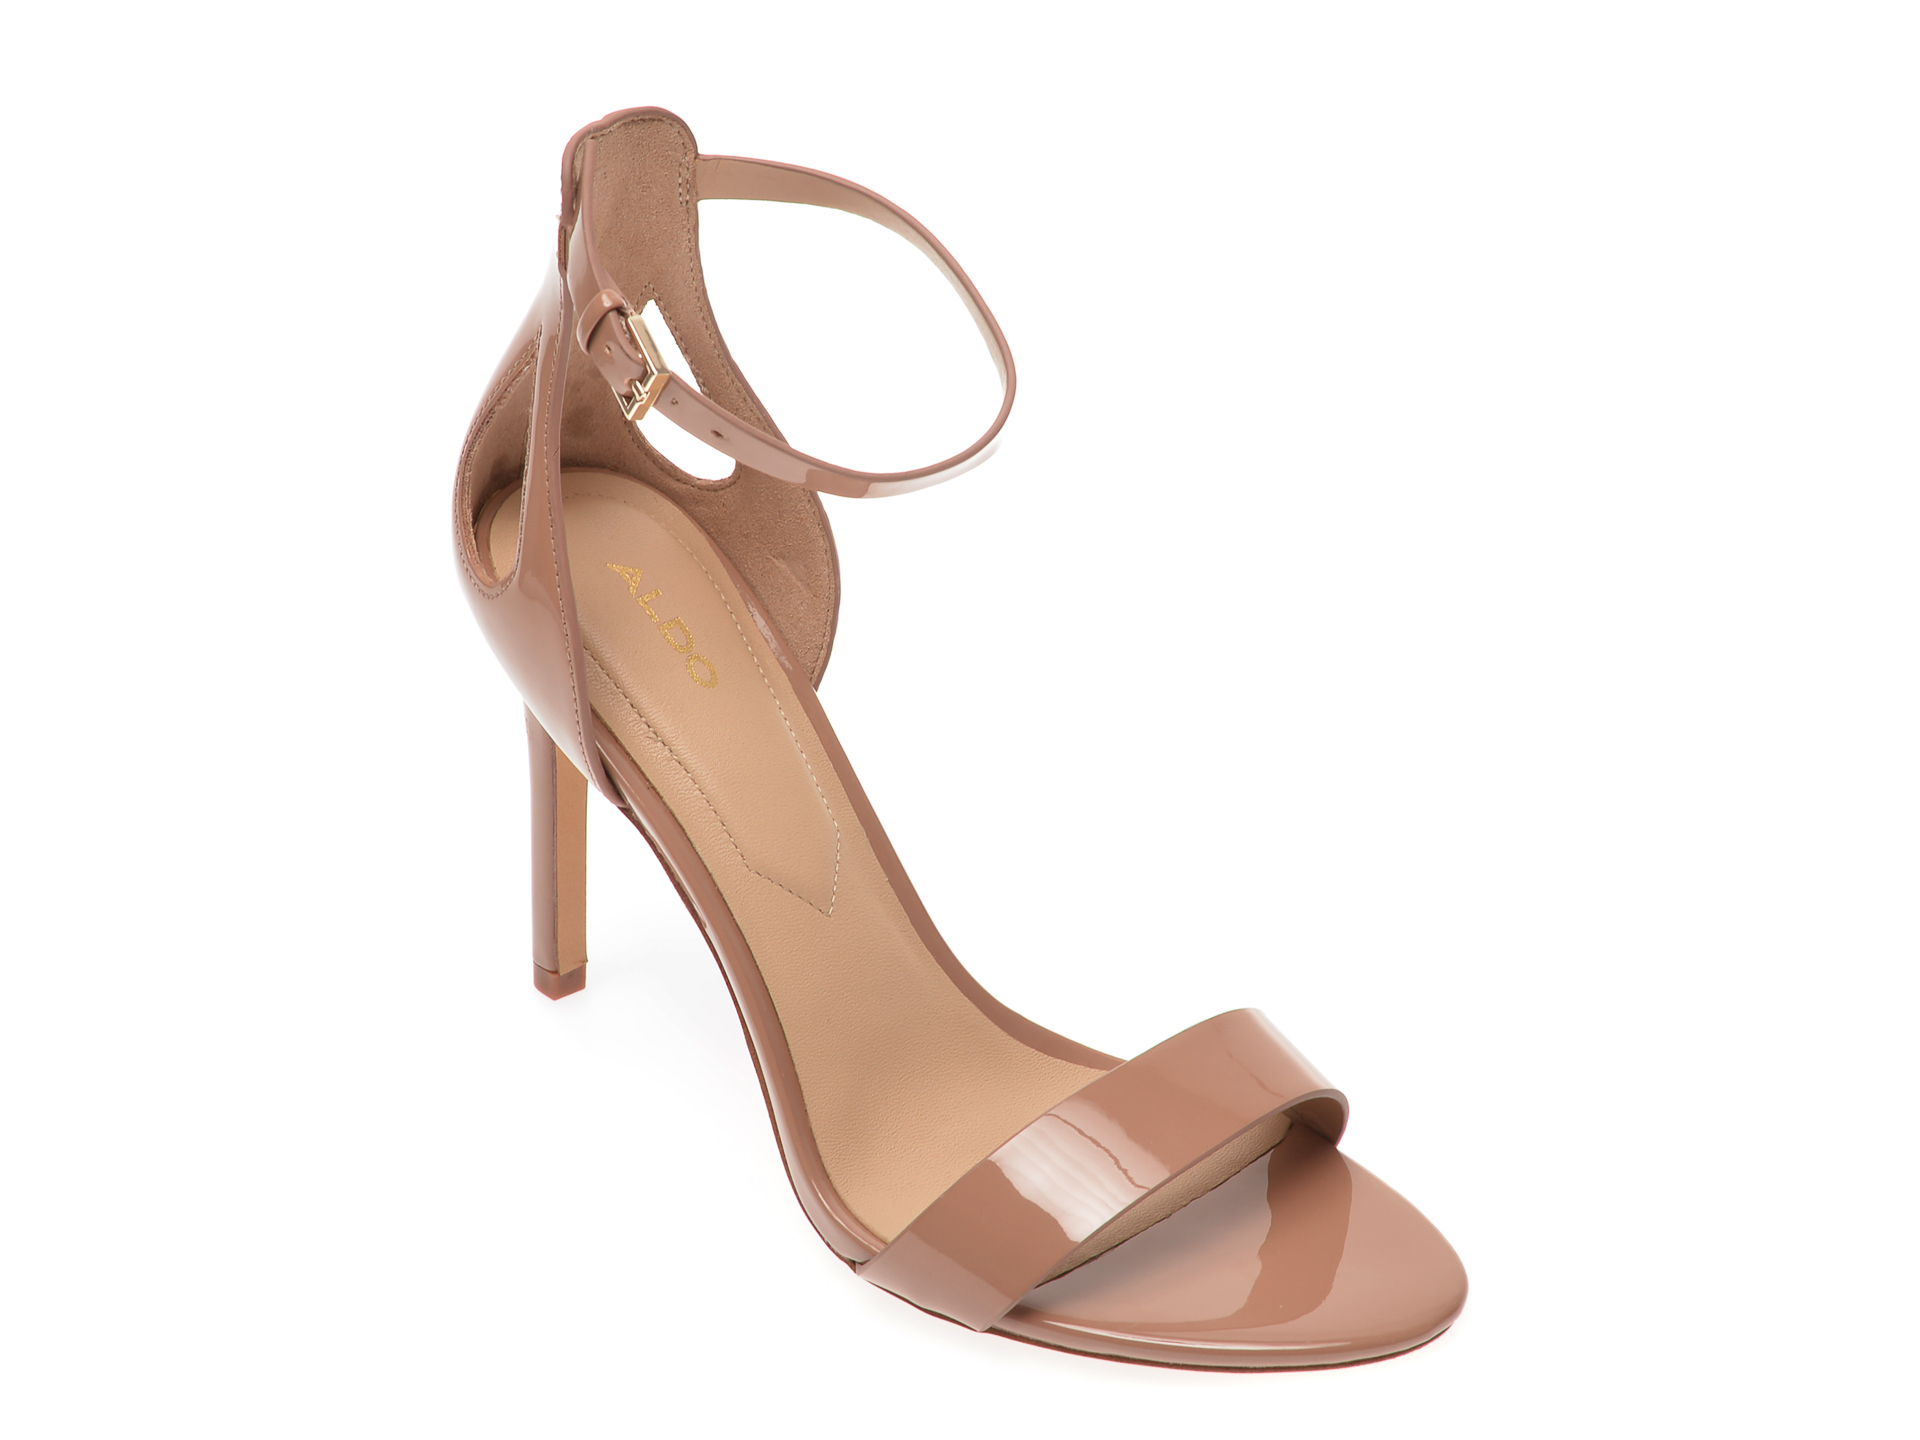 Sandale ALDO nude, Violla270, din piele ecologica